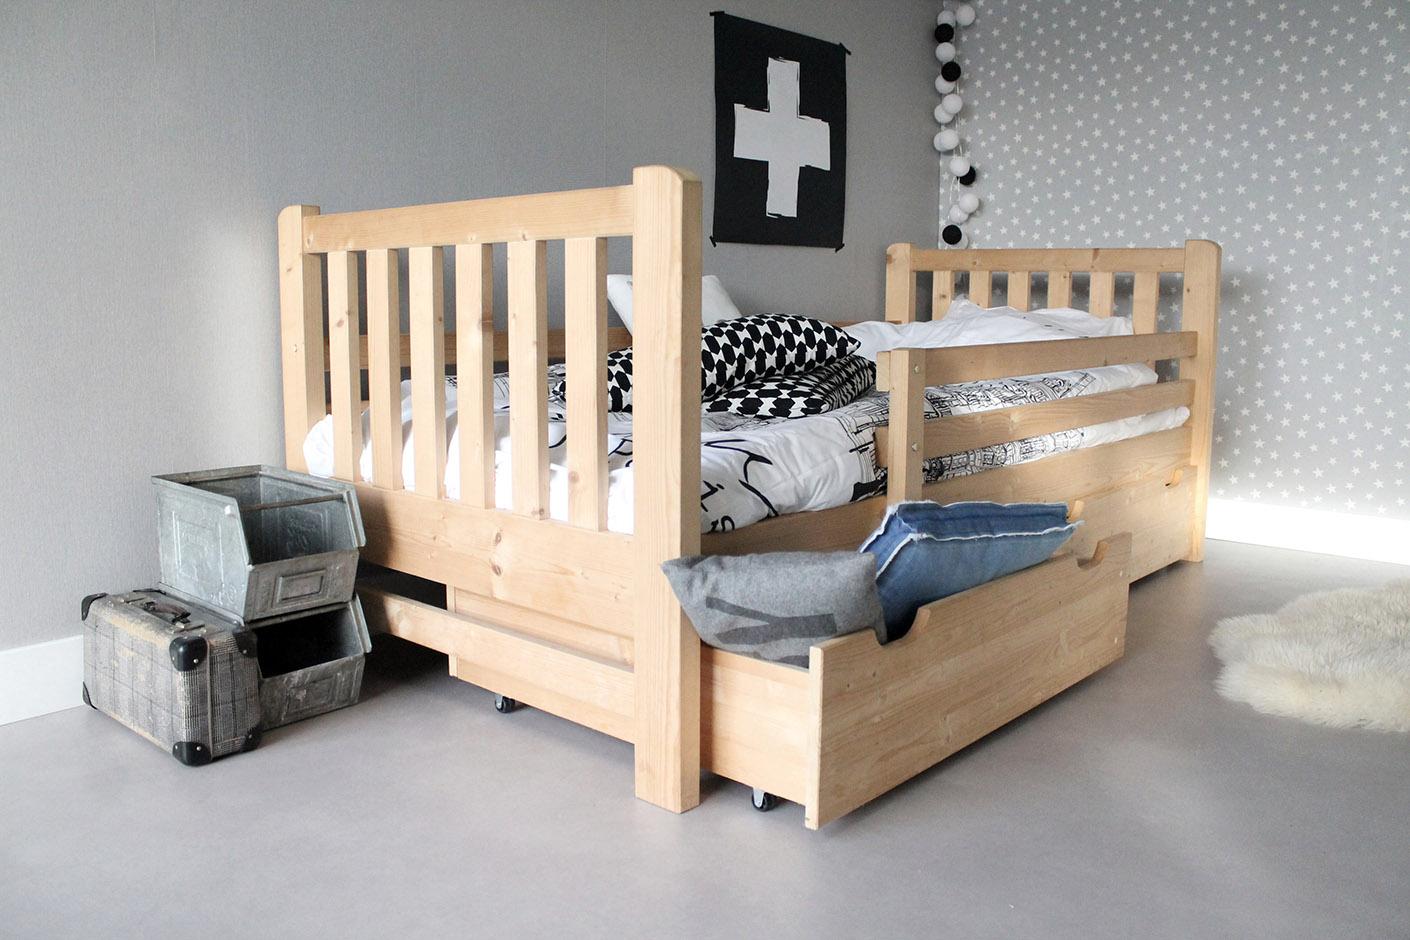 http://www.kingpicknicktafels.be/kinderbett/Bjorn-kleinkindbett-150x70-naturel-1000-a.jpg